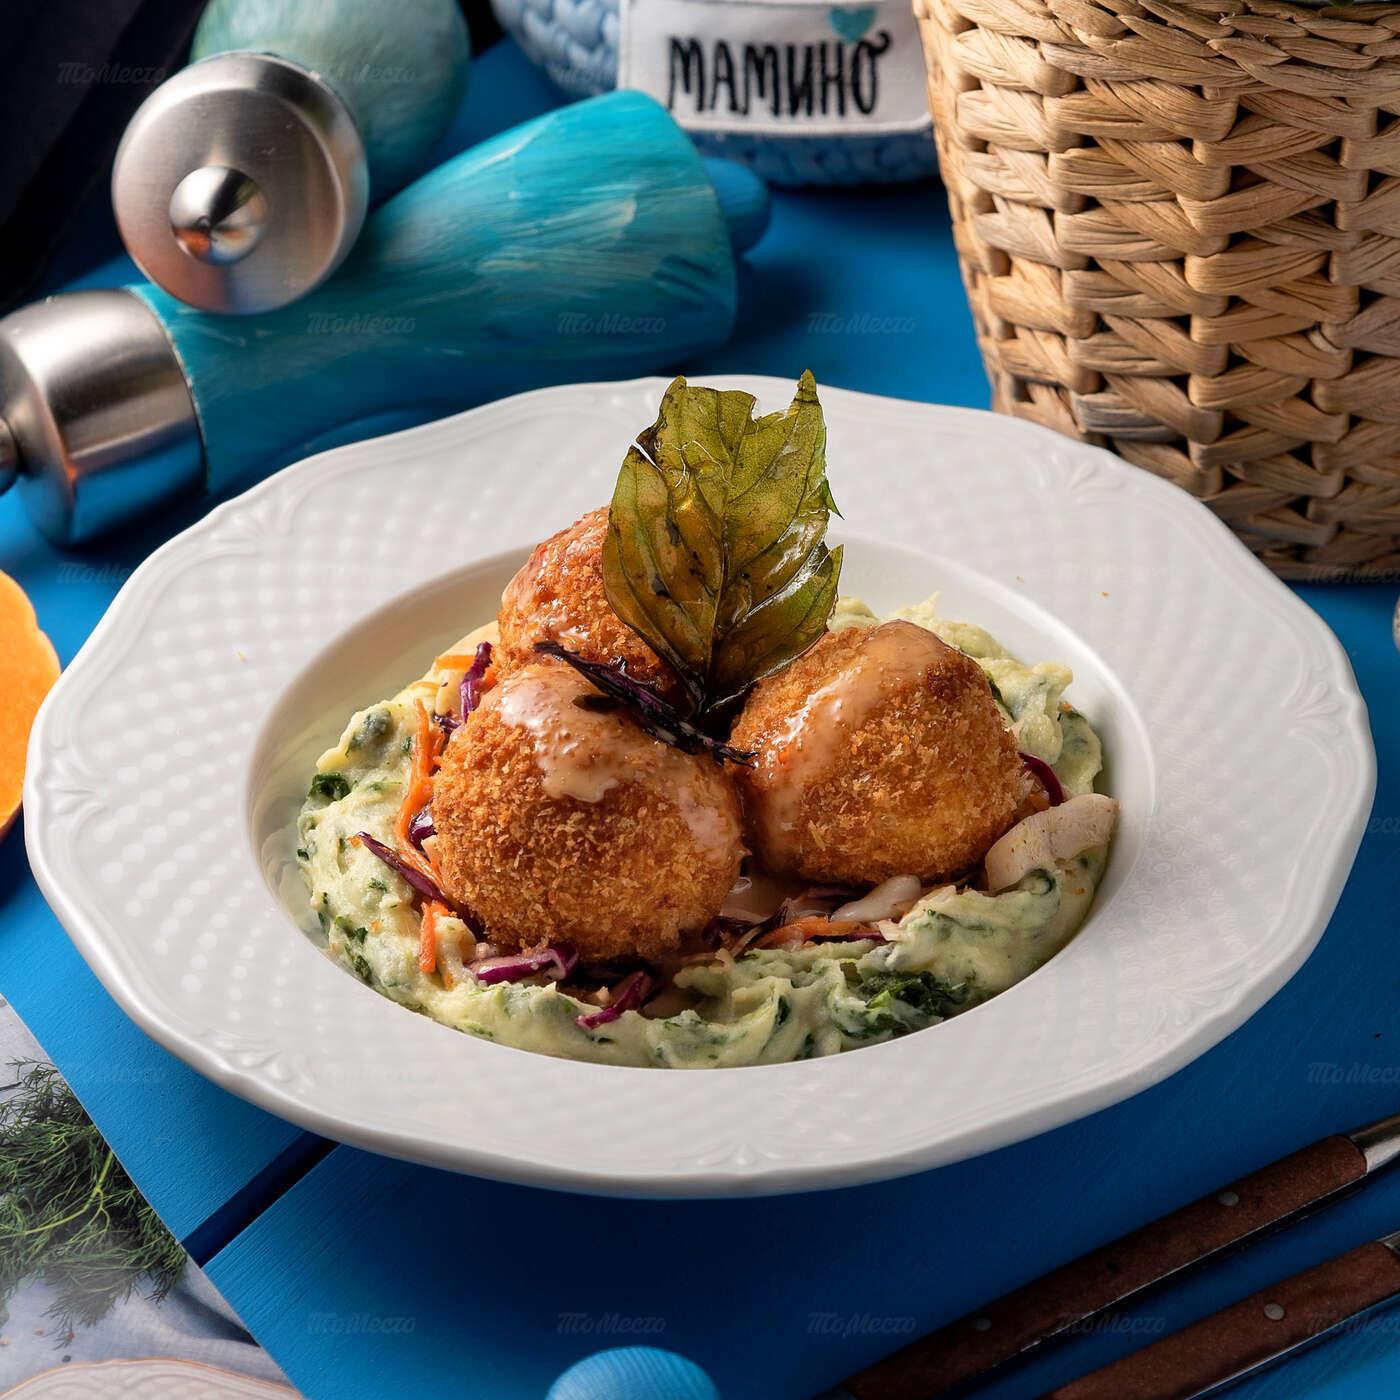 Меню ресторана Мамино  фото 34